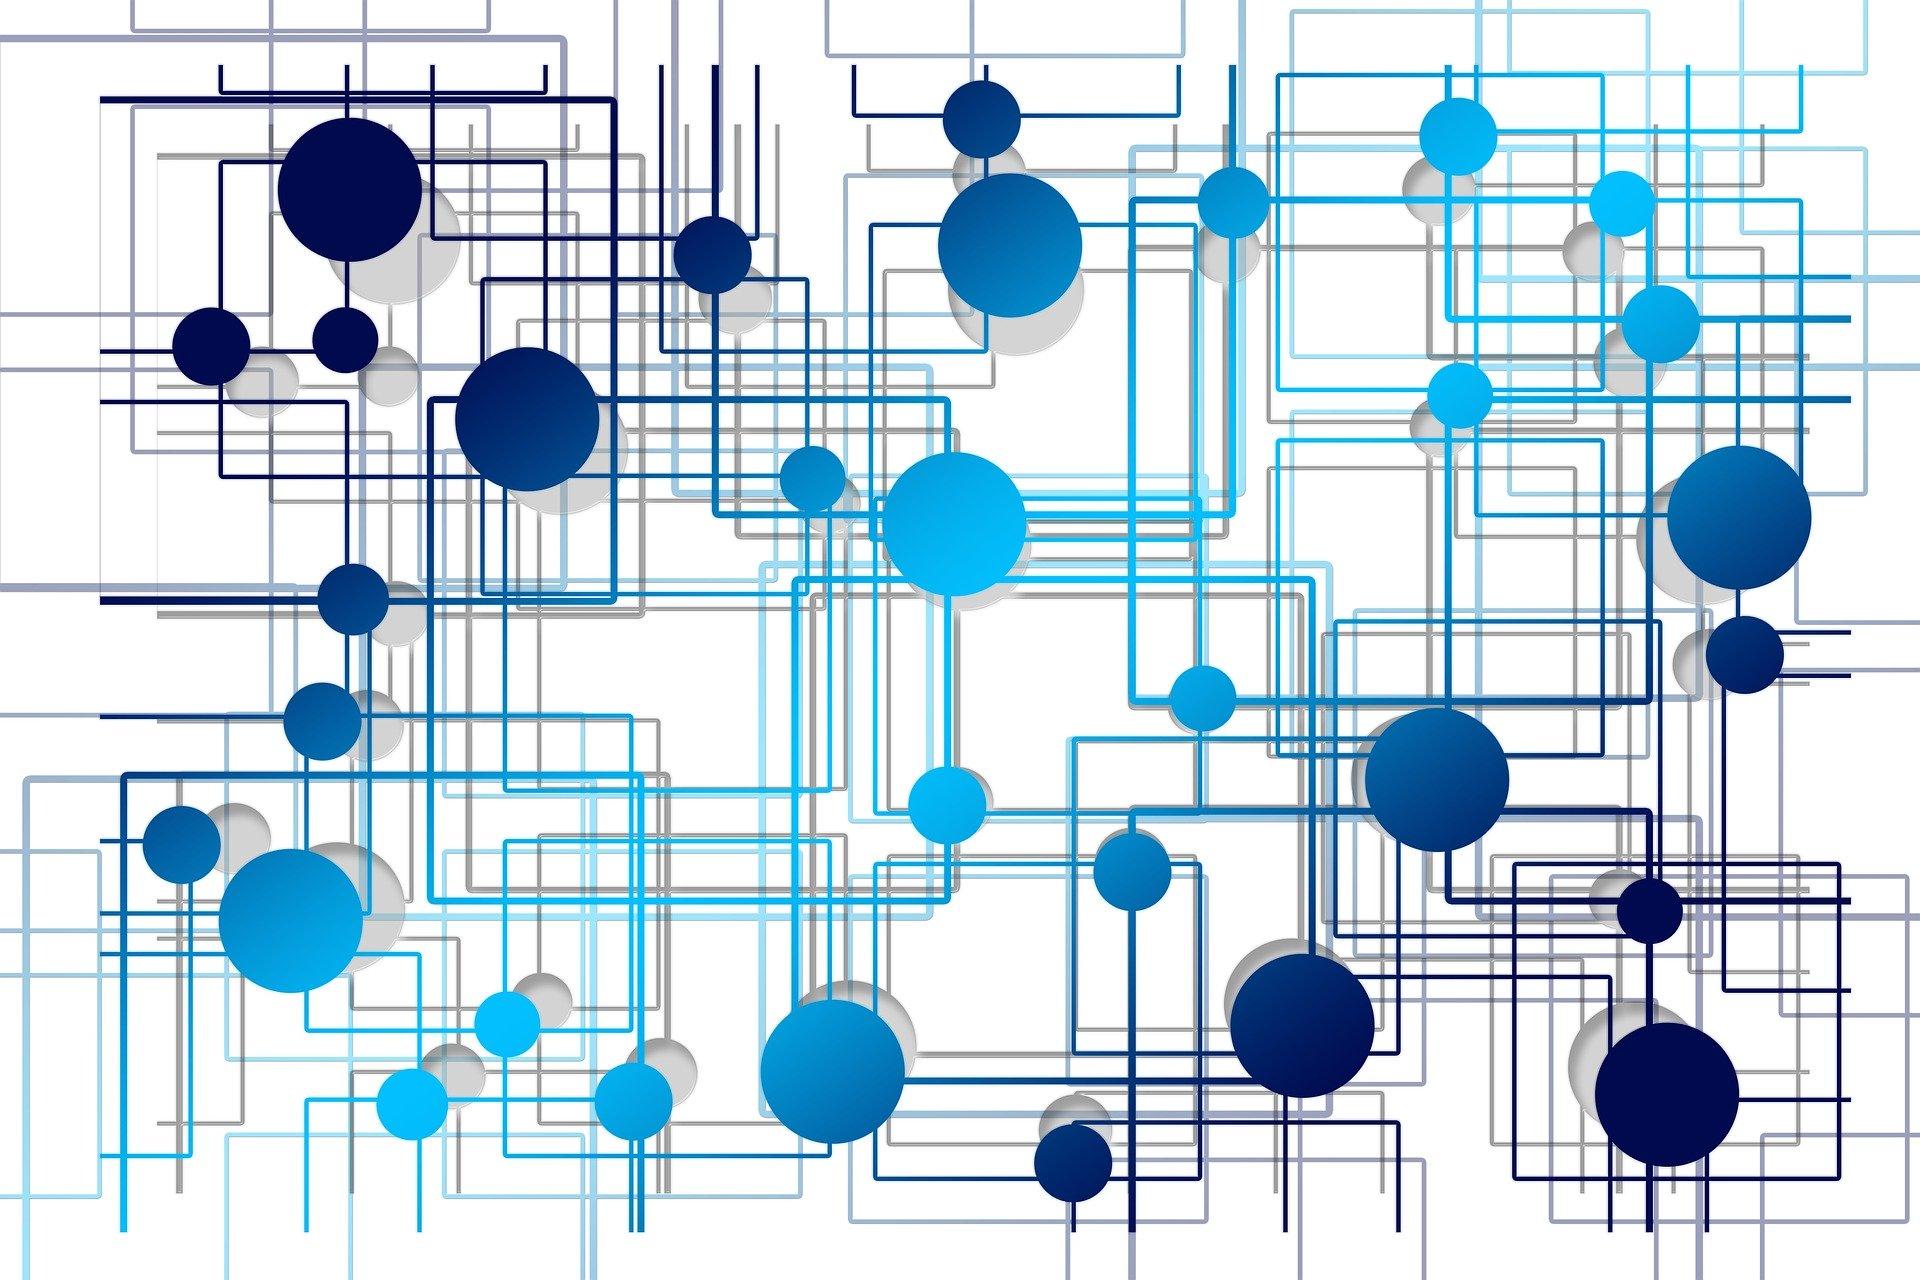 L'élaboration d'une culture artistique à travers les outils numériques